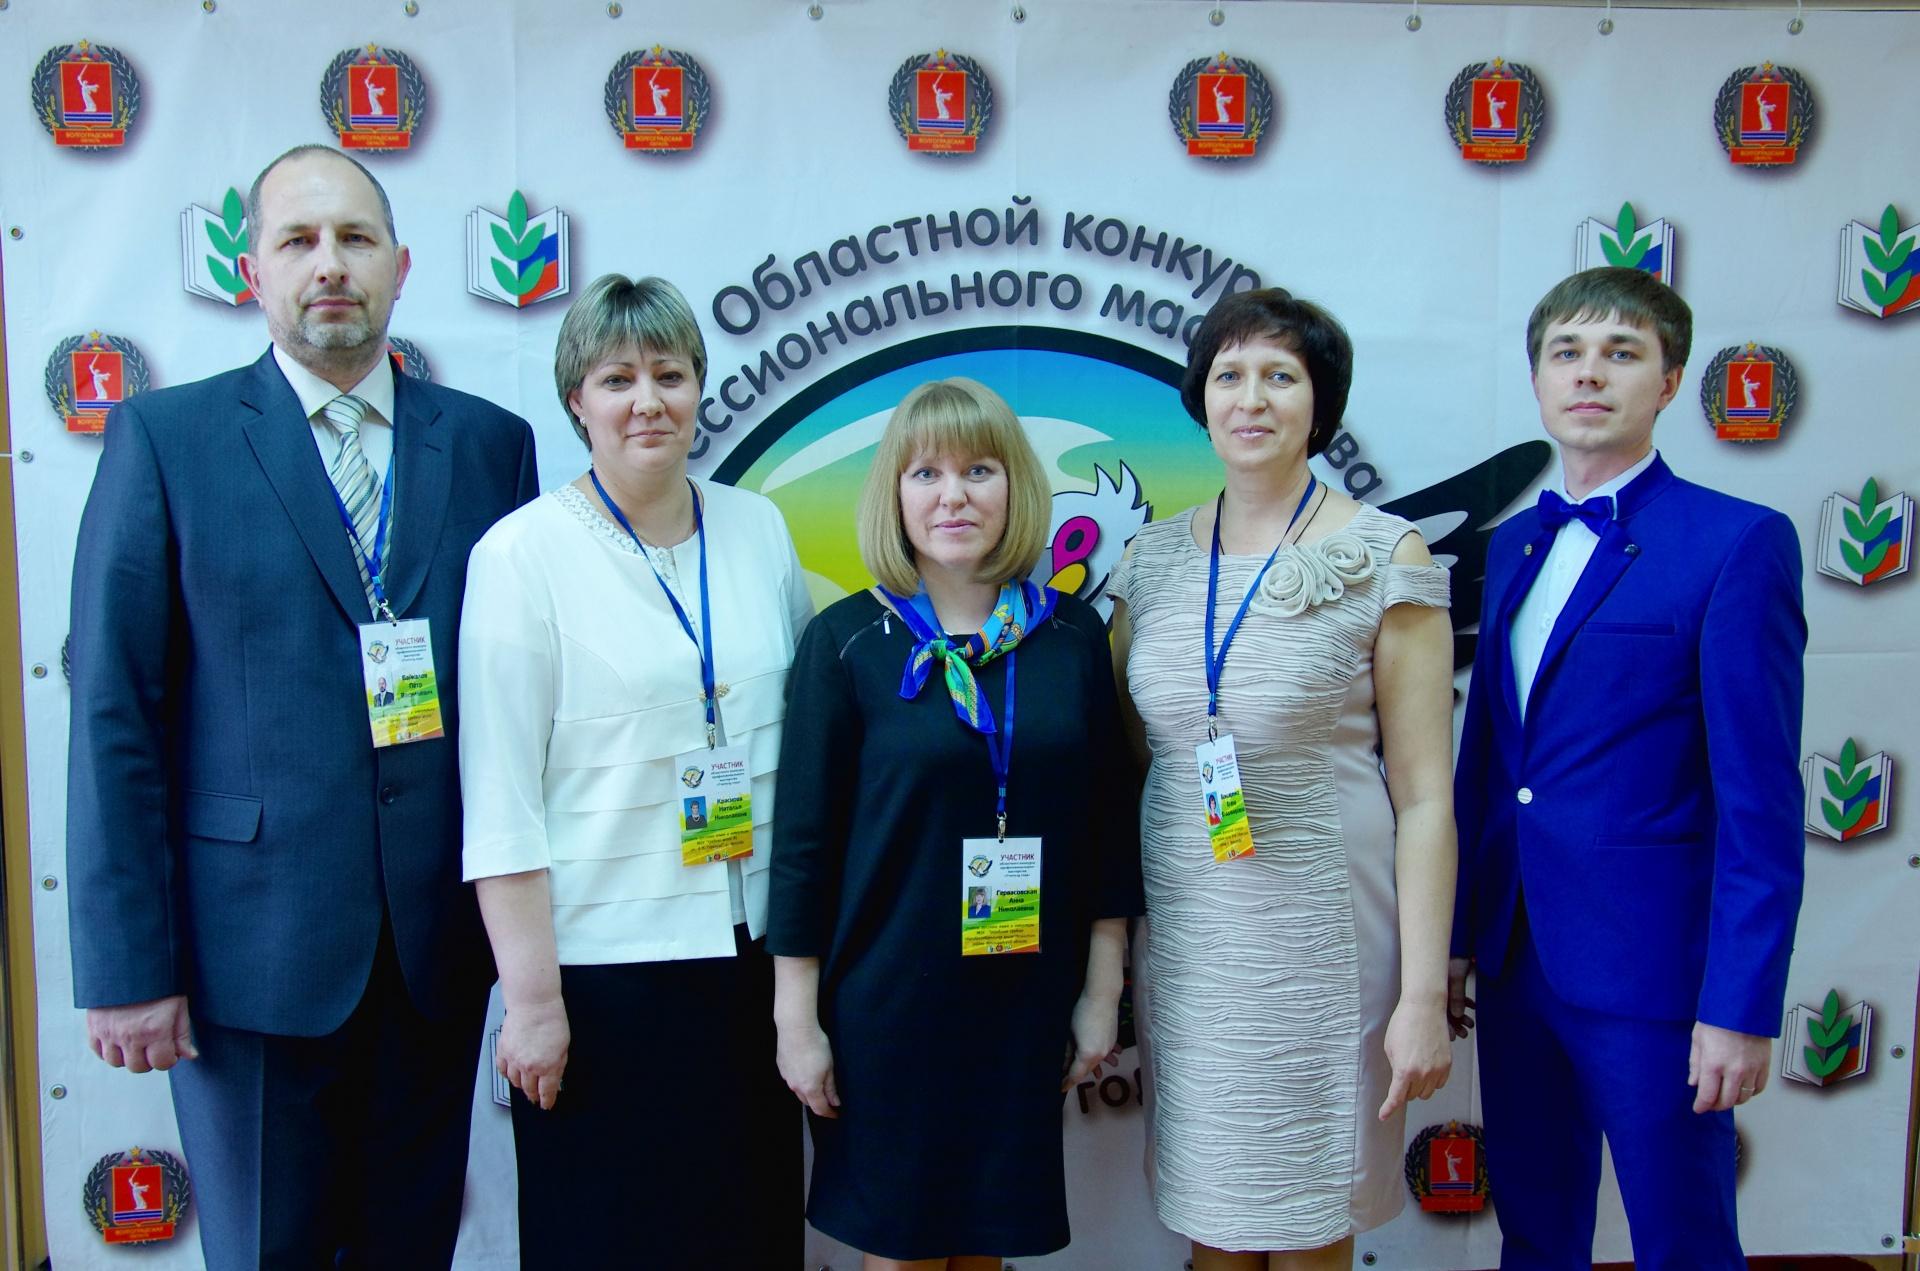 Вволгоградском регионе учителем года стал преподаватель  изГородищенского района